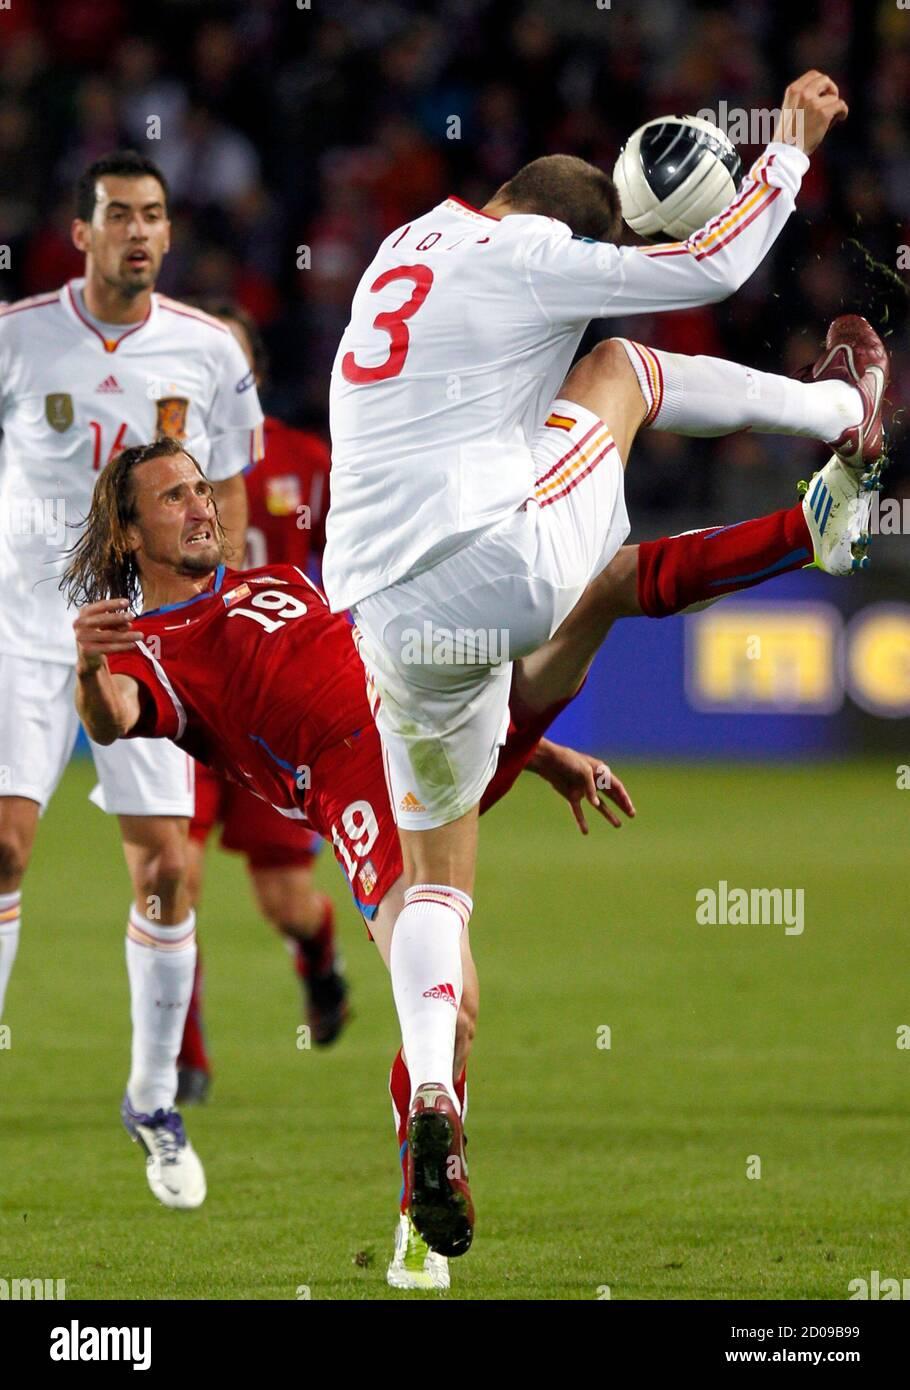 Petr Jiráček (L) der Tschechischen Republik fordert Gerard Pique von Spanien während der Euro 2012-Gruppe ich Qualifikation Fußballspiel in Prag 7. Oktober 2011.   REUTERS/Petr Josek (Tschechien - Tags: SPORT Fußball) Stockfoto